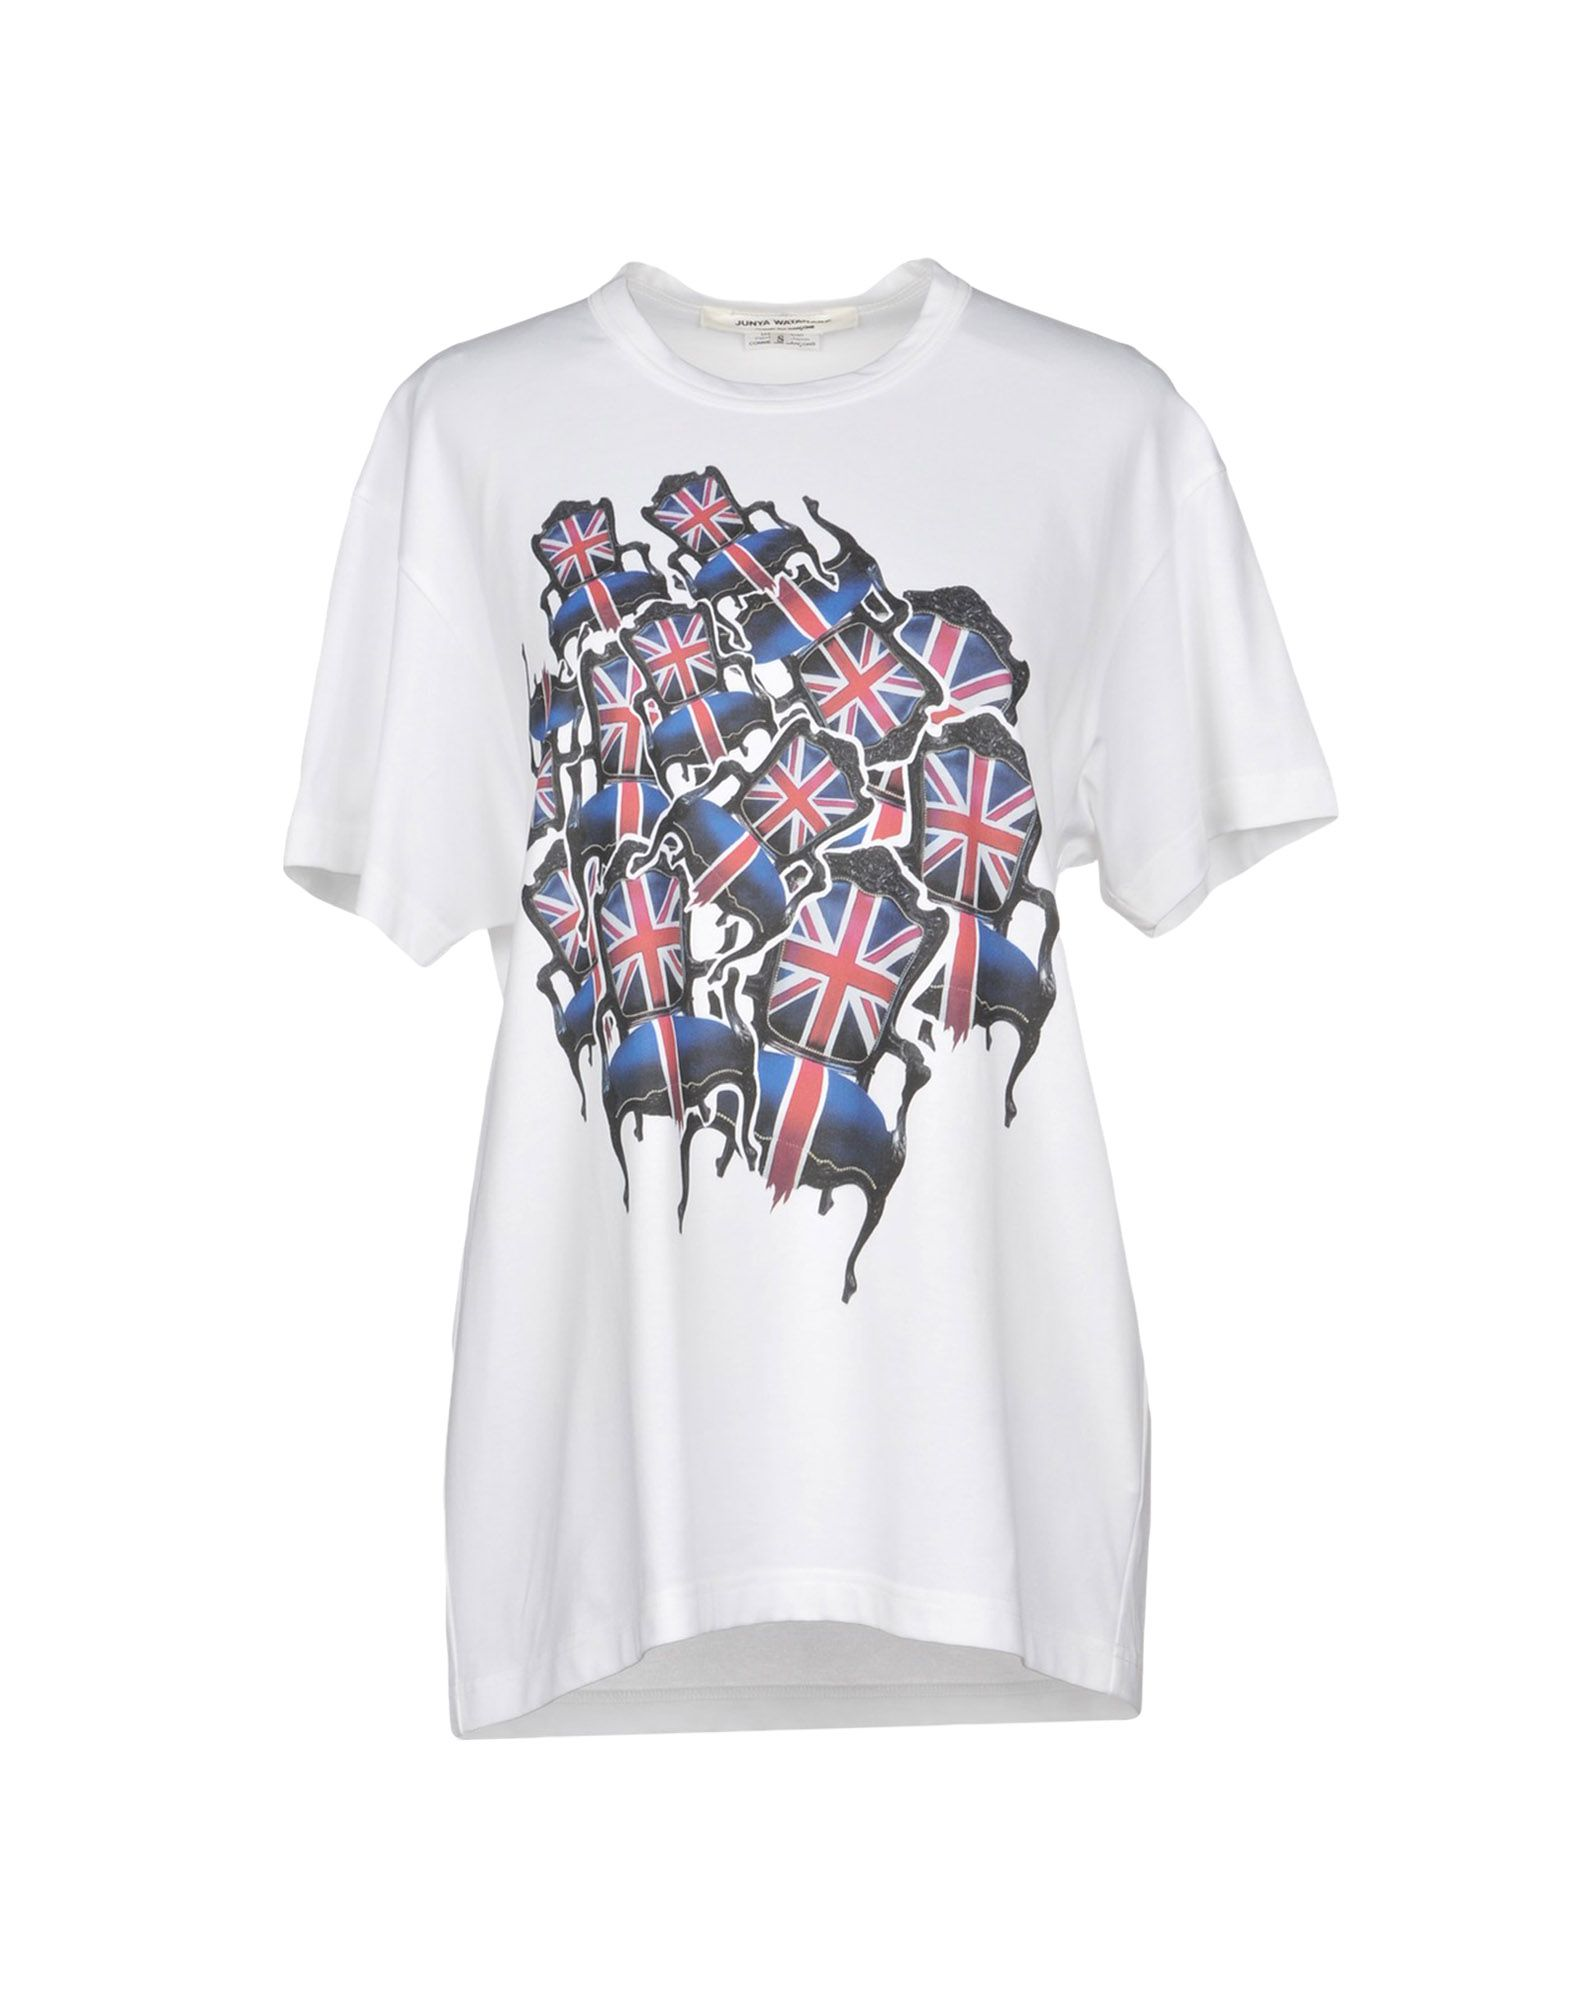 comme des garcons singapore shirt price